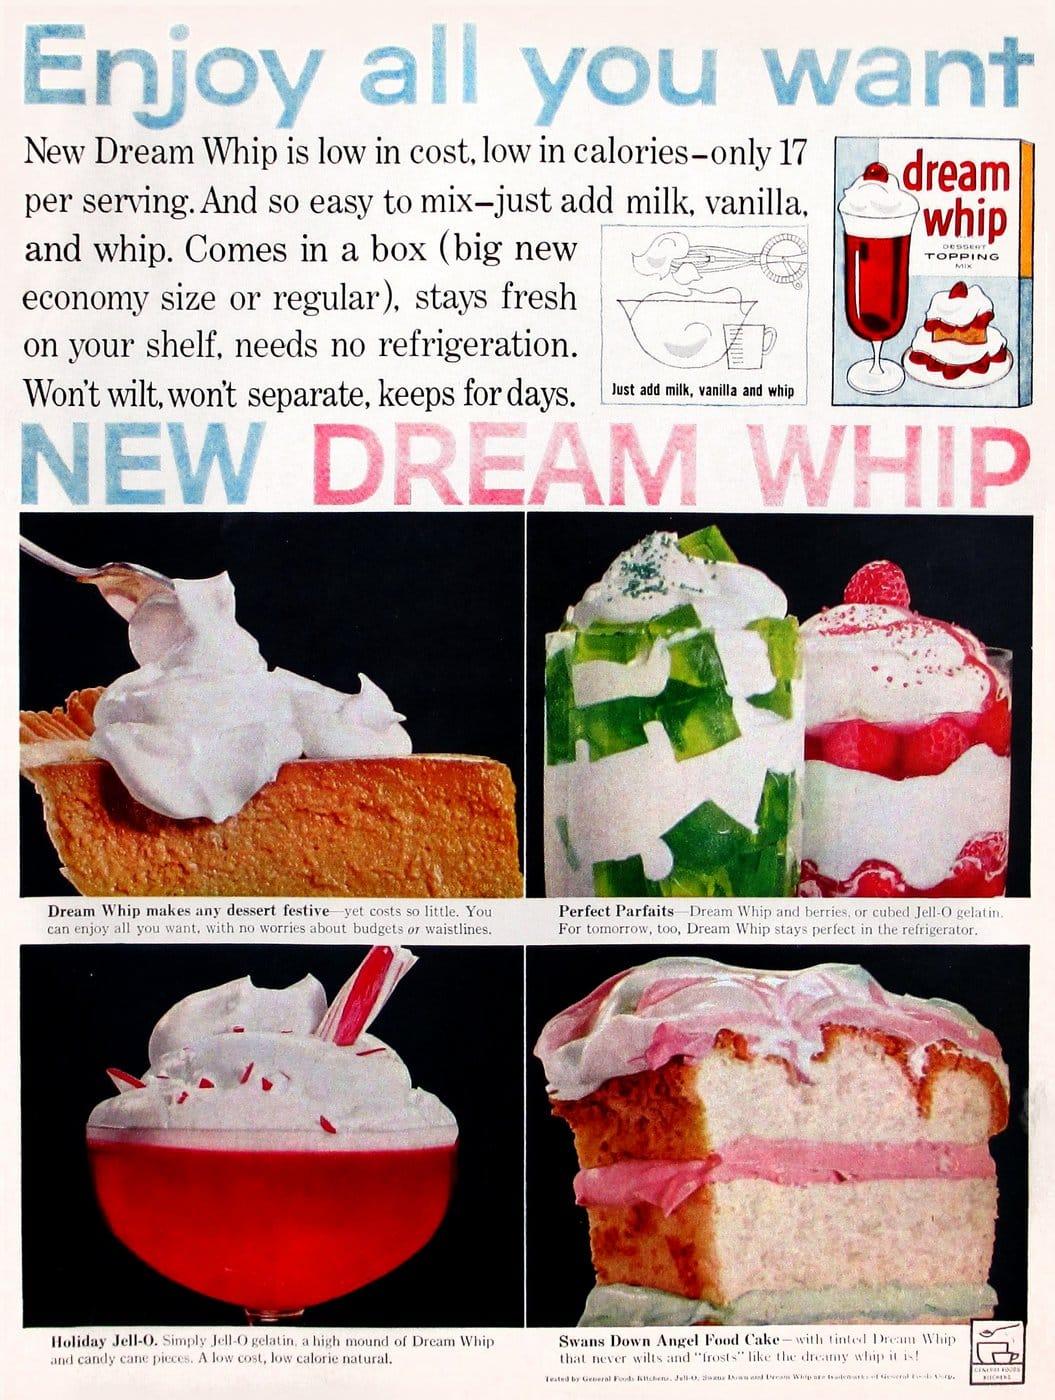 Vintage Dream Whip dessert topping (1959)